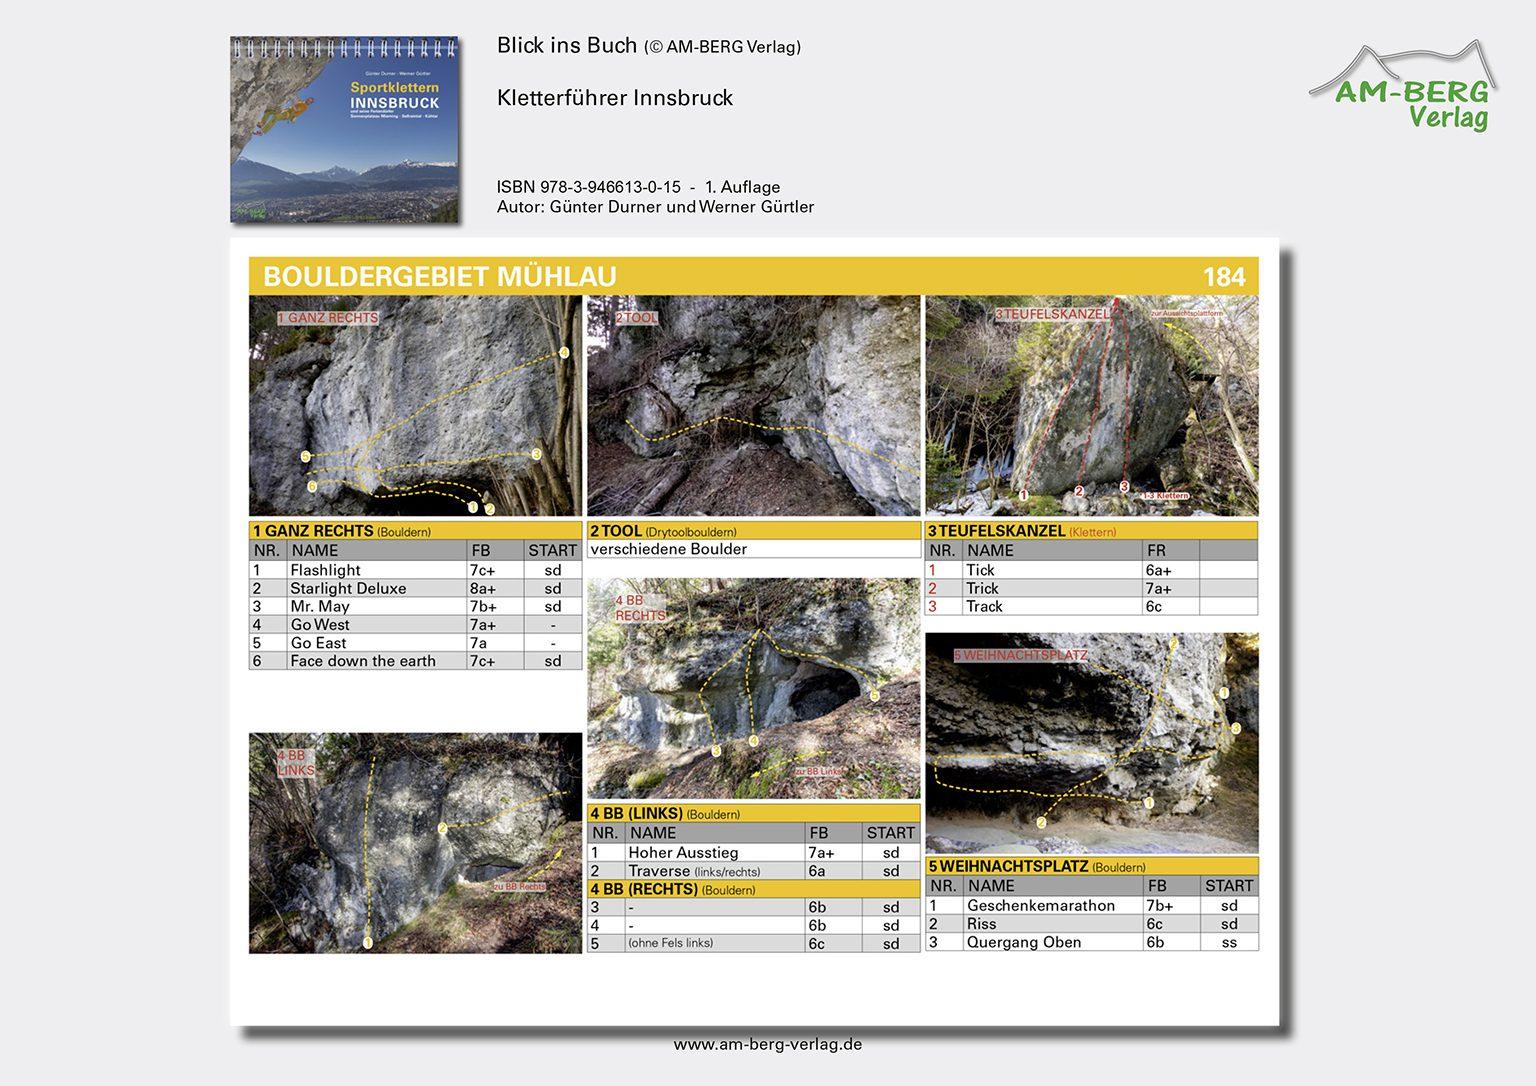 Sportklettern-Innsbruck-BlickinsBuch08_Bouldergebiet-Mühlau